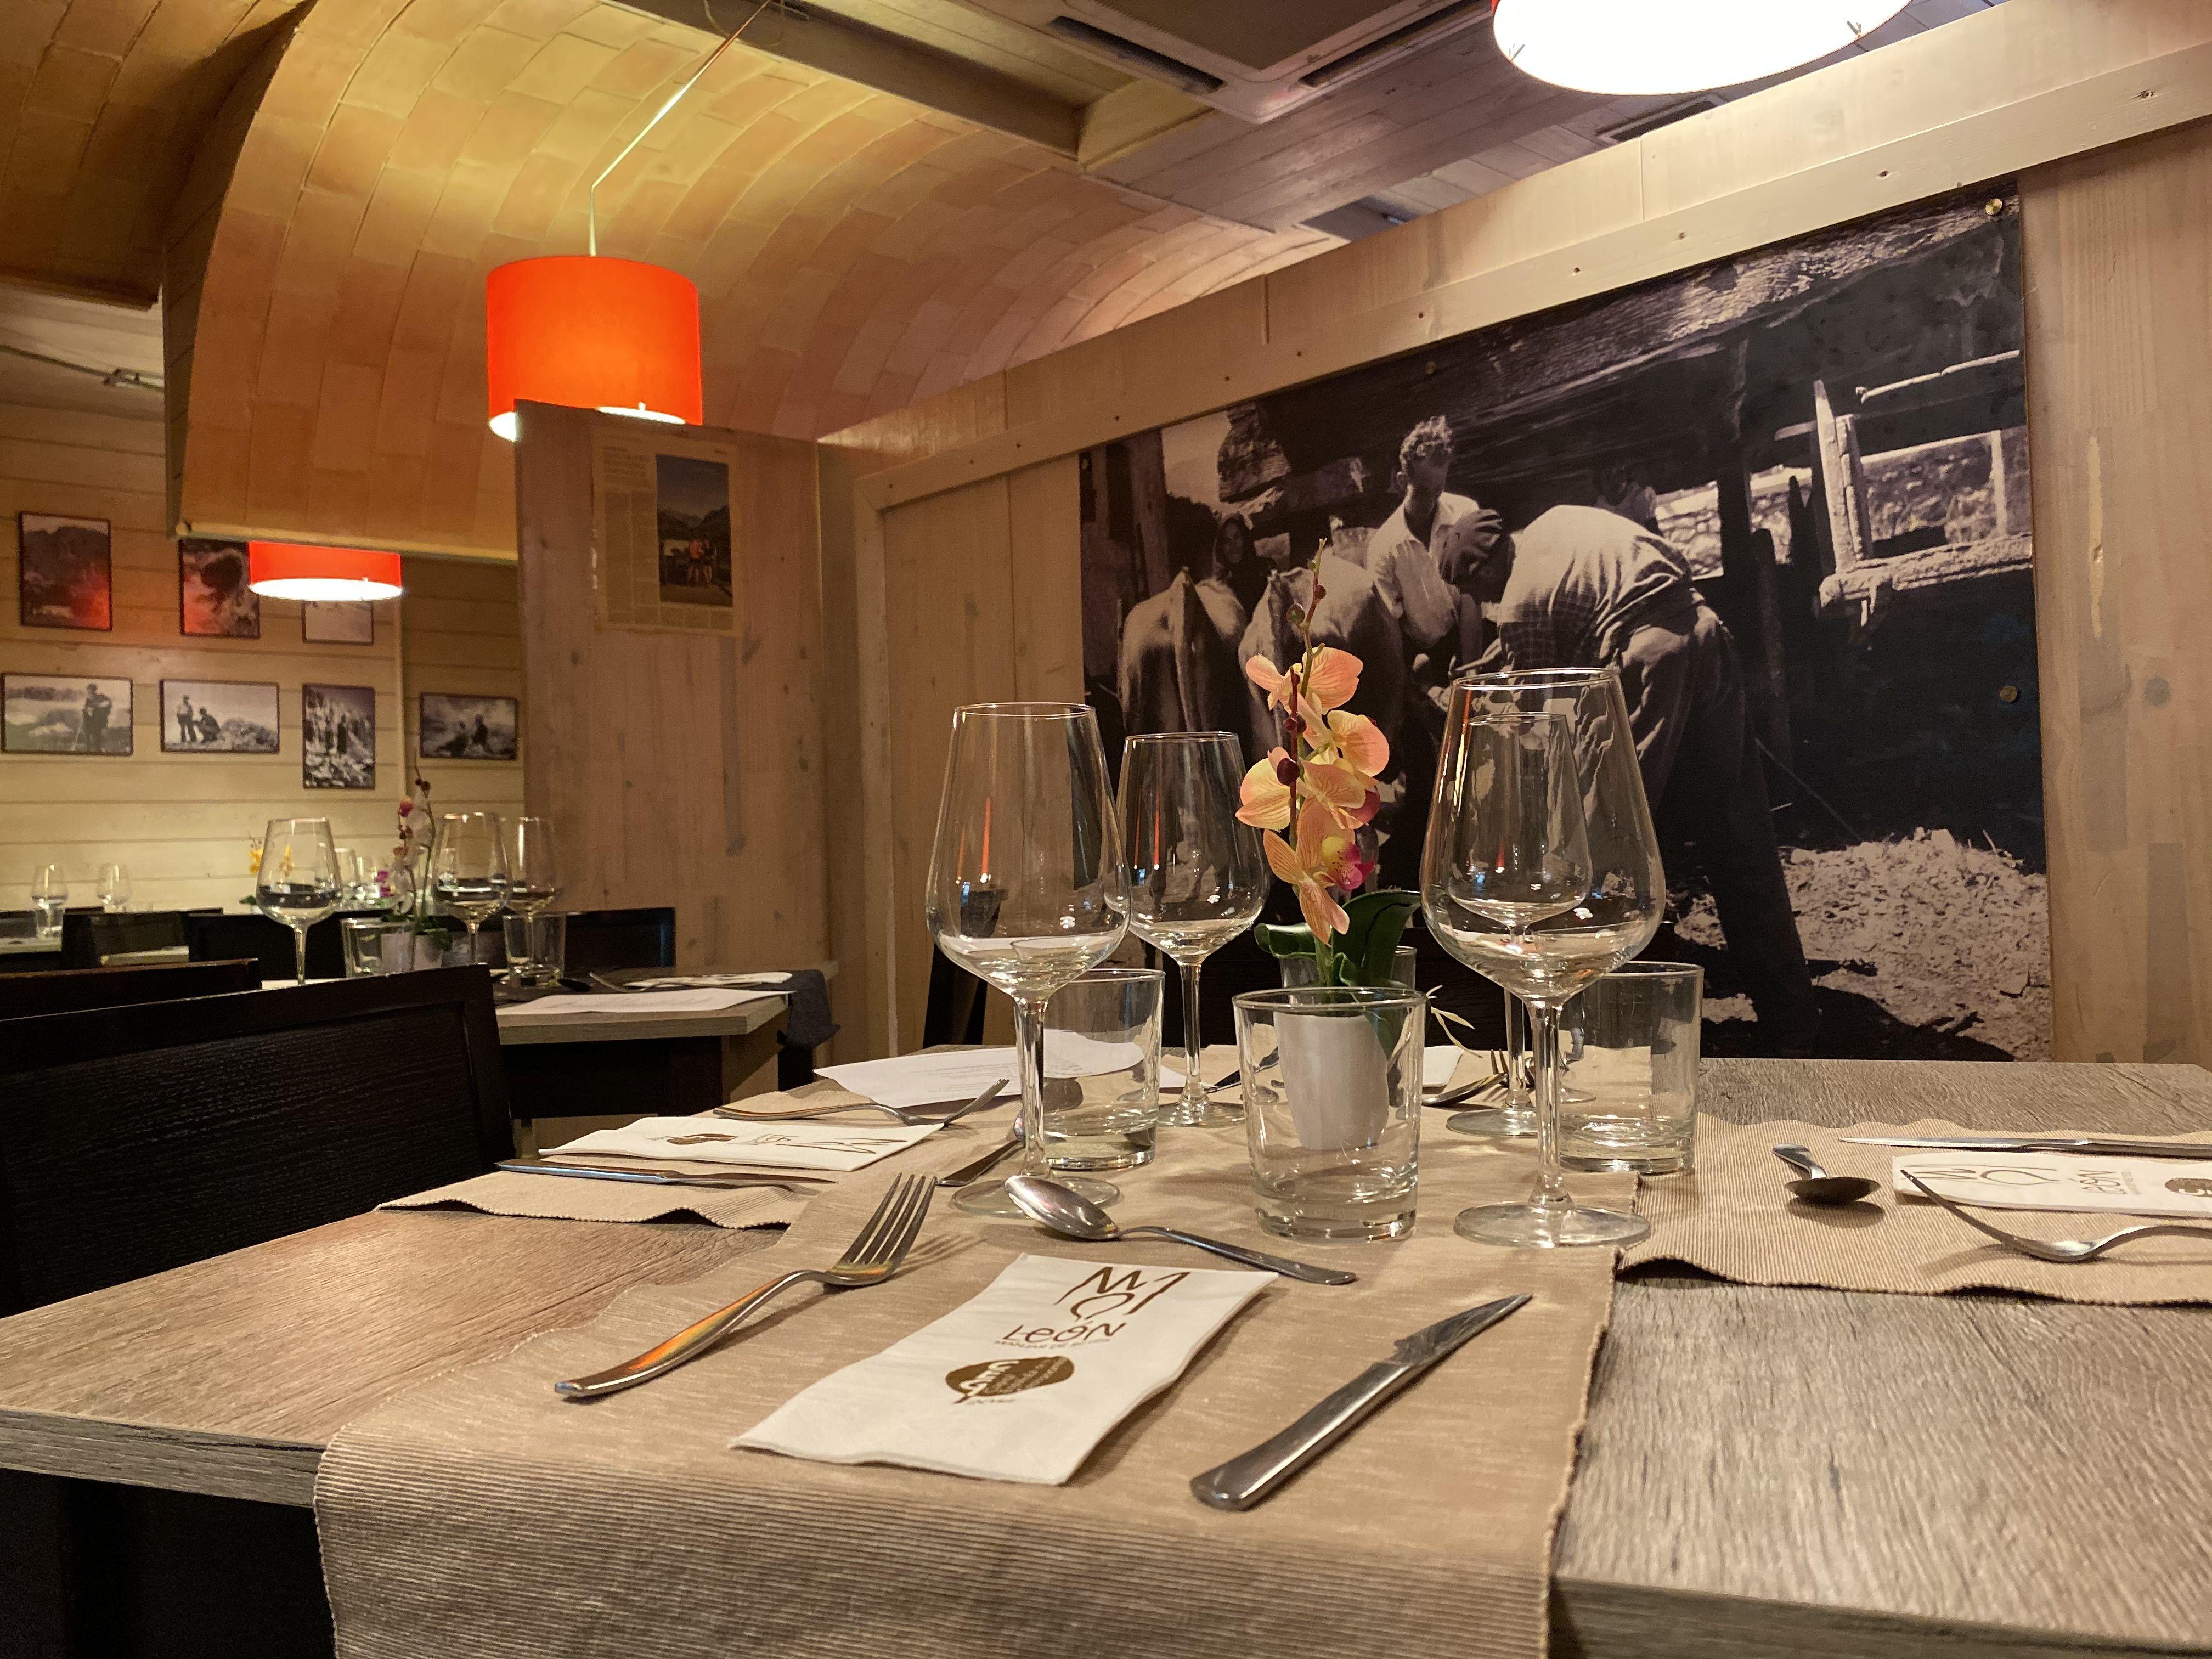 Restaurante de menú de grupo en León